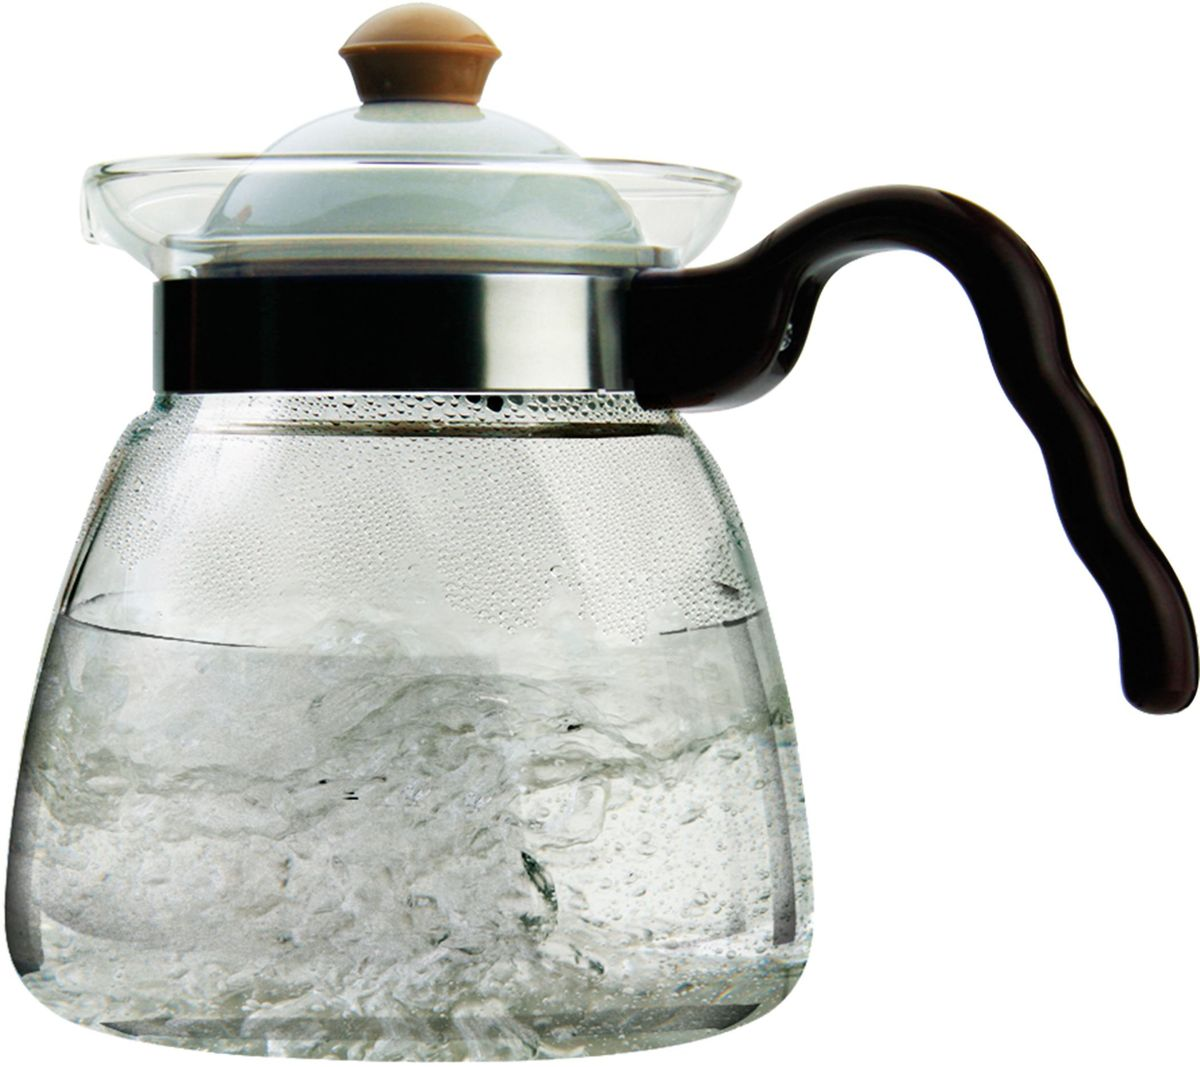 Чайник для кипячения воды или заваривания чая Fissman, с индукционным дном, 800 мл. 9336TP-9336.800Стильный чайник идеально впишется в ваш интерьер. Благодаря индукционному дну, в чайнике возможно вскипятить воду на всех типах плит, включая индукционные.